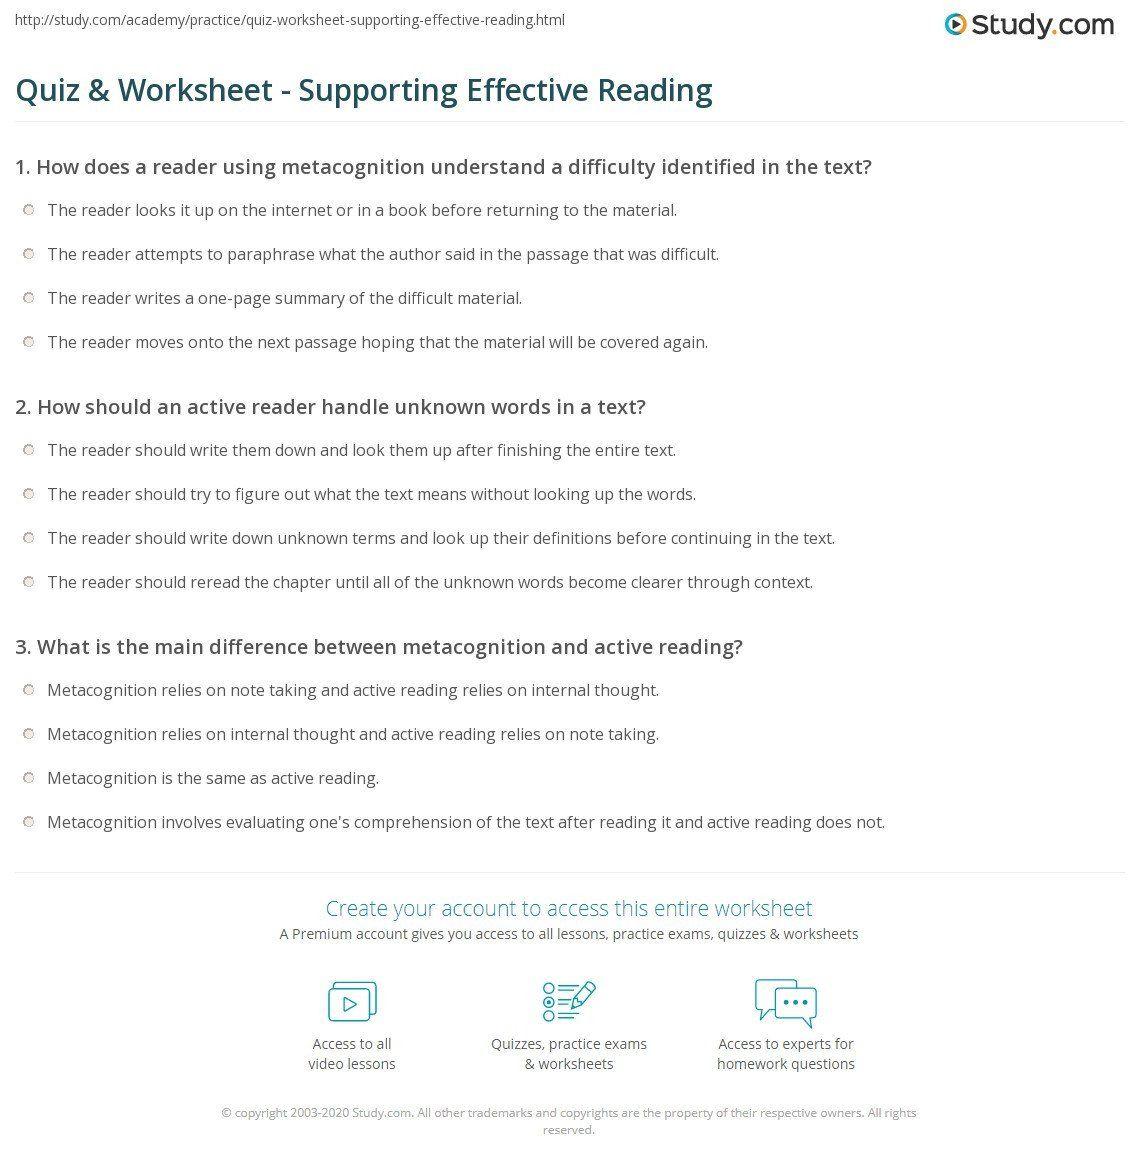 Paraphrase Worksheet 5th Grade Paraphrase Reasding Worksheet In 2020 Worksheets Number Recognition Worksheets Metacognition